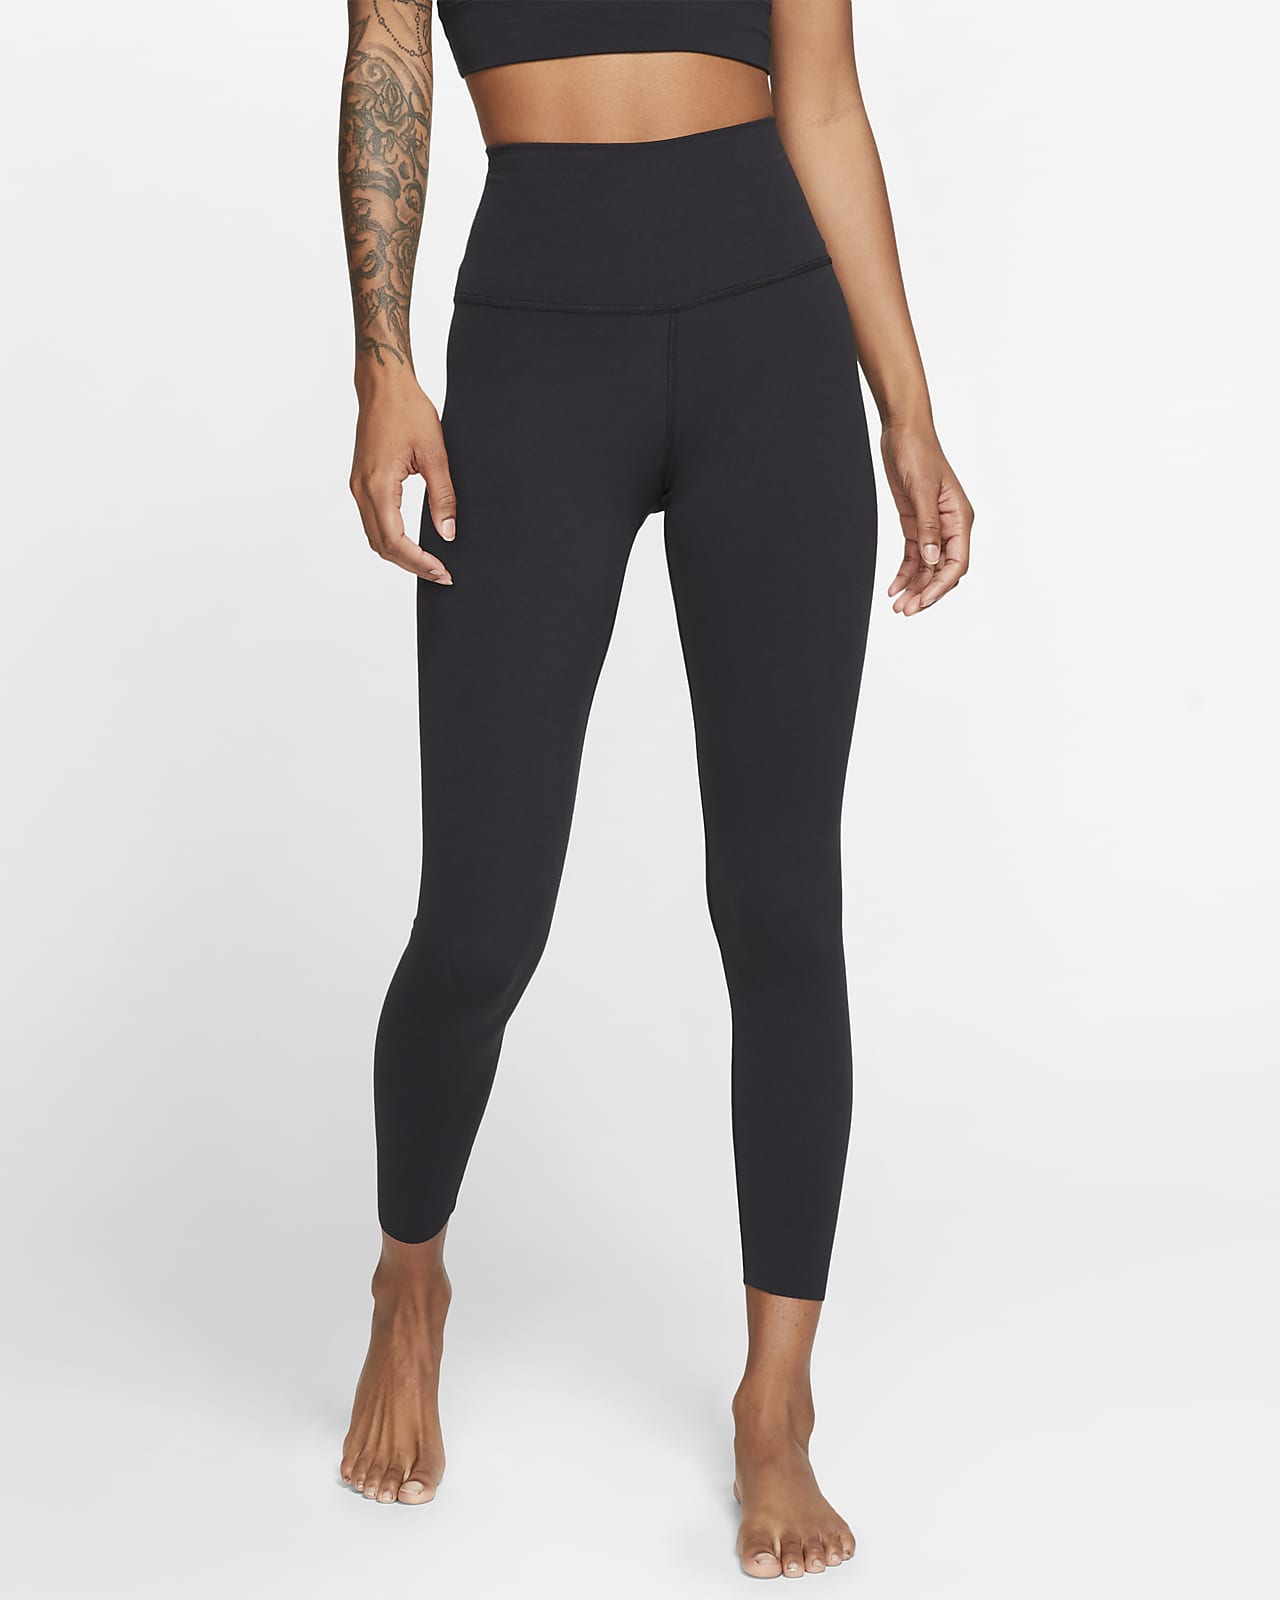 Nike Yoga Luxe Leggings de 7/8 con Infinalon y cintura alta - Mujer